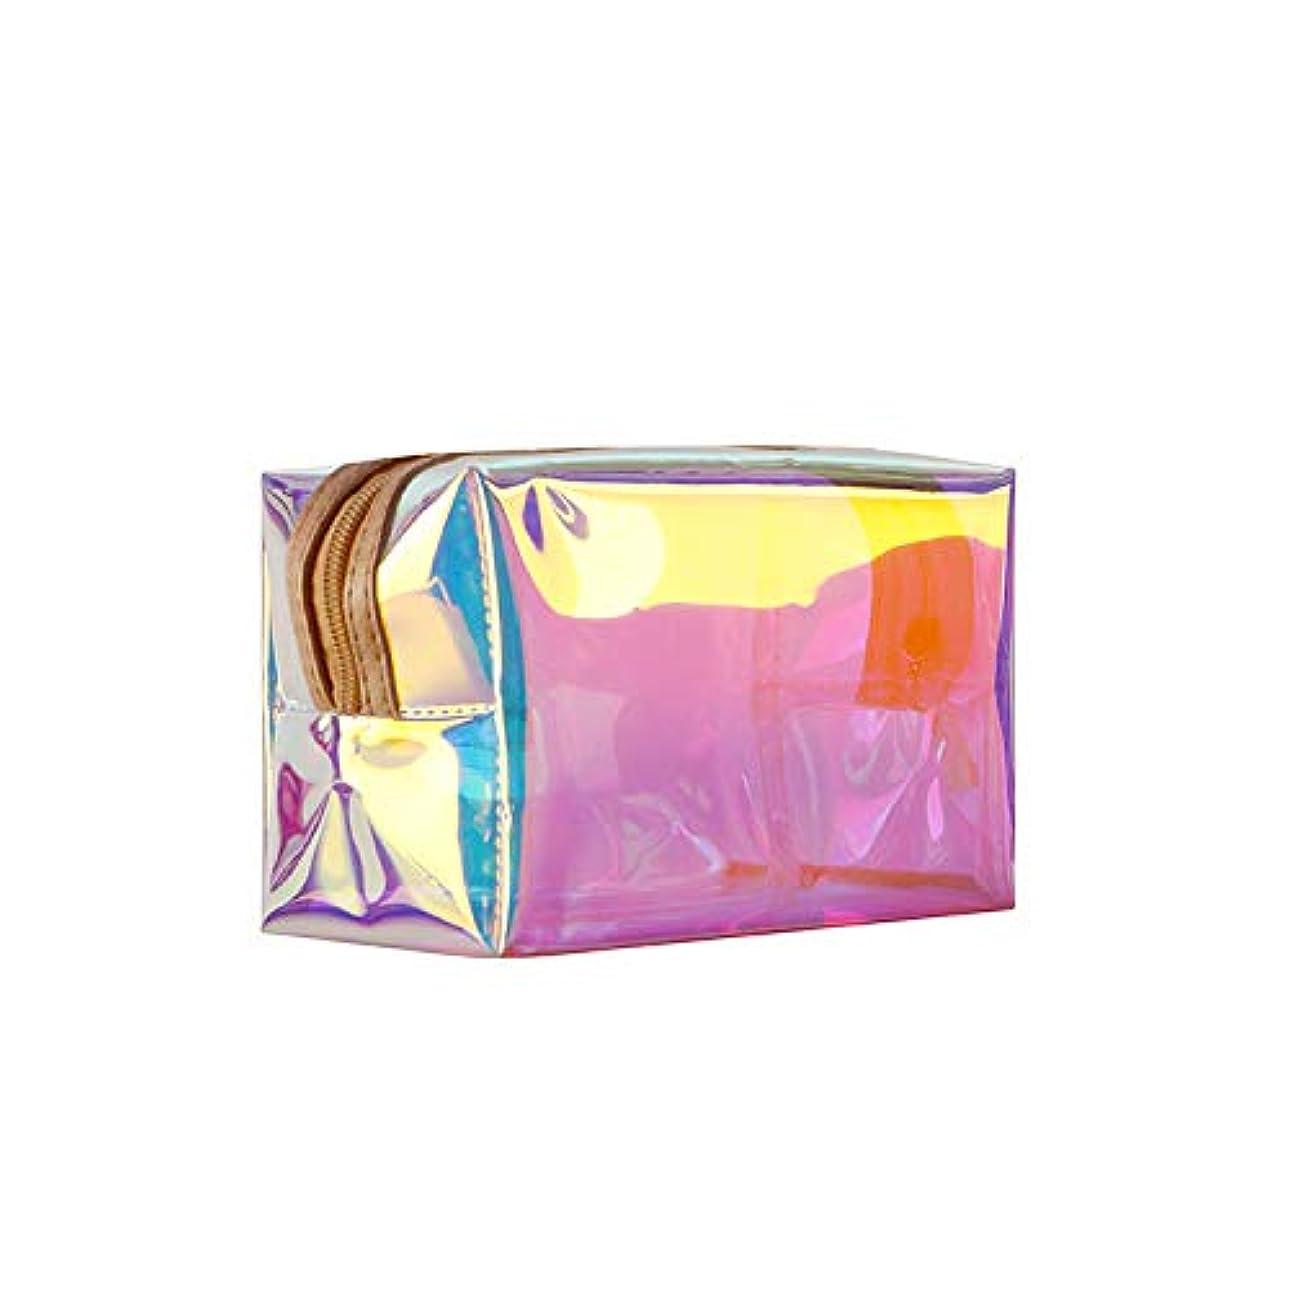 献身スツール独占ホーム朵 メイクポーチ 化粧バッグ オーロラカラー レーザー 透明バッグ 防水 収納携帯用 おしゃれ コスメポーチ たっぷり収納 旅行 便利 大容量 超軽量